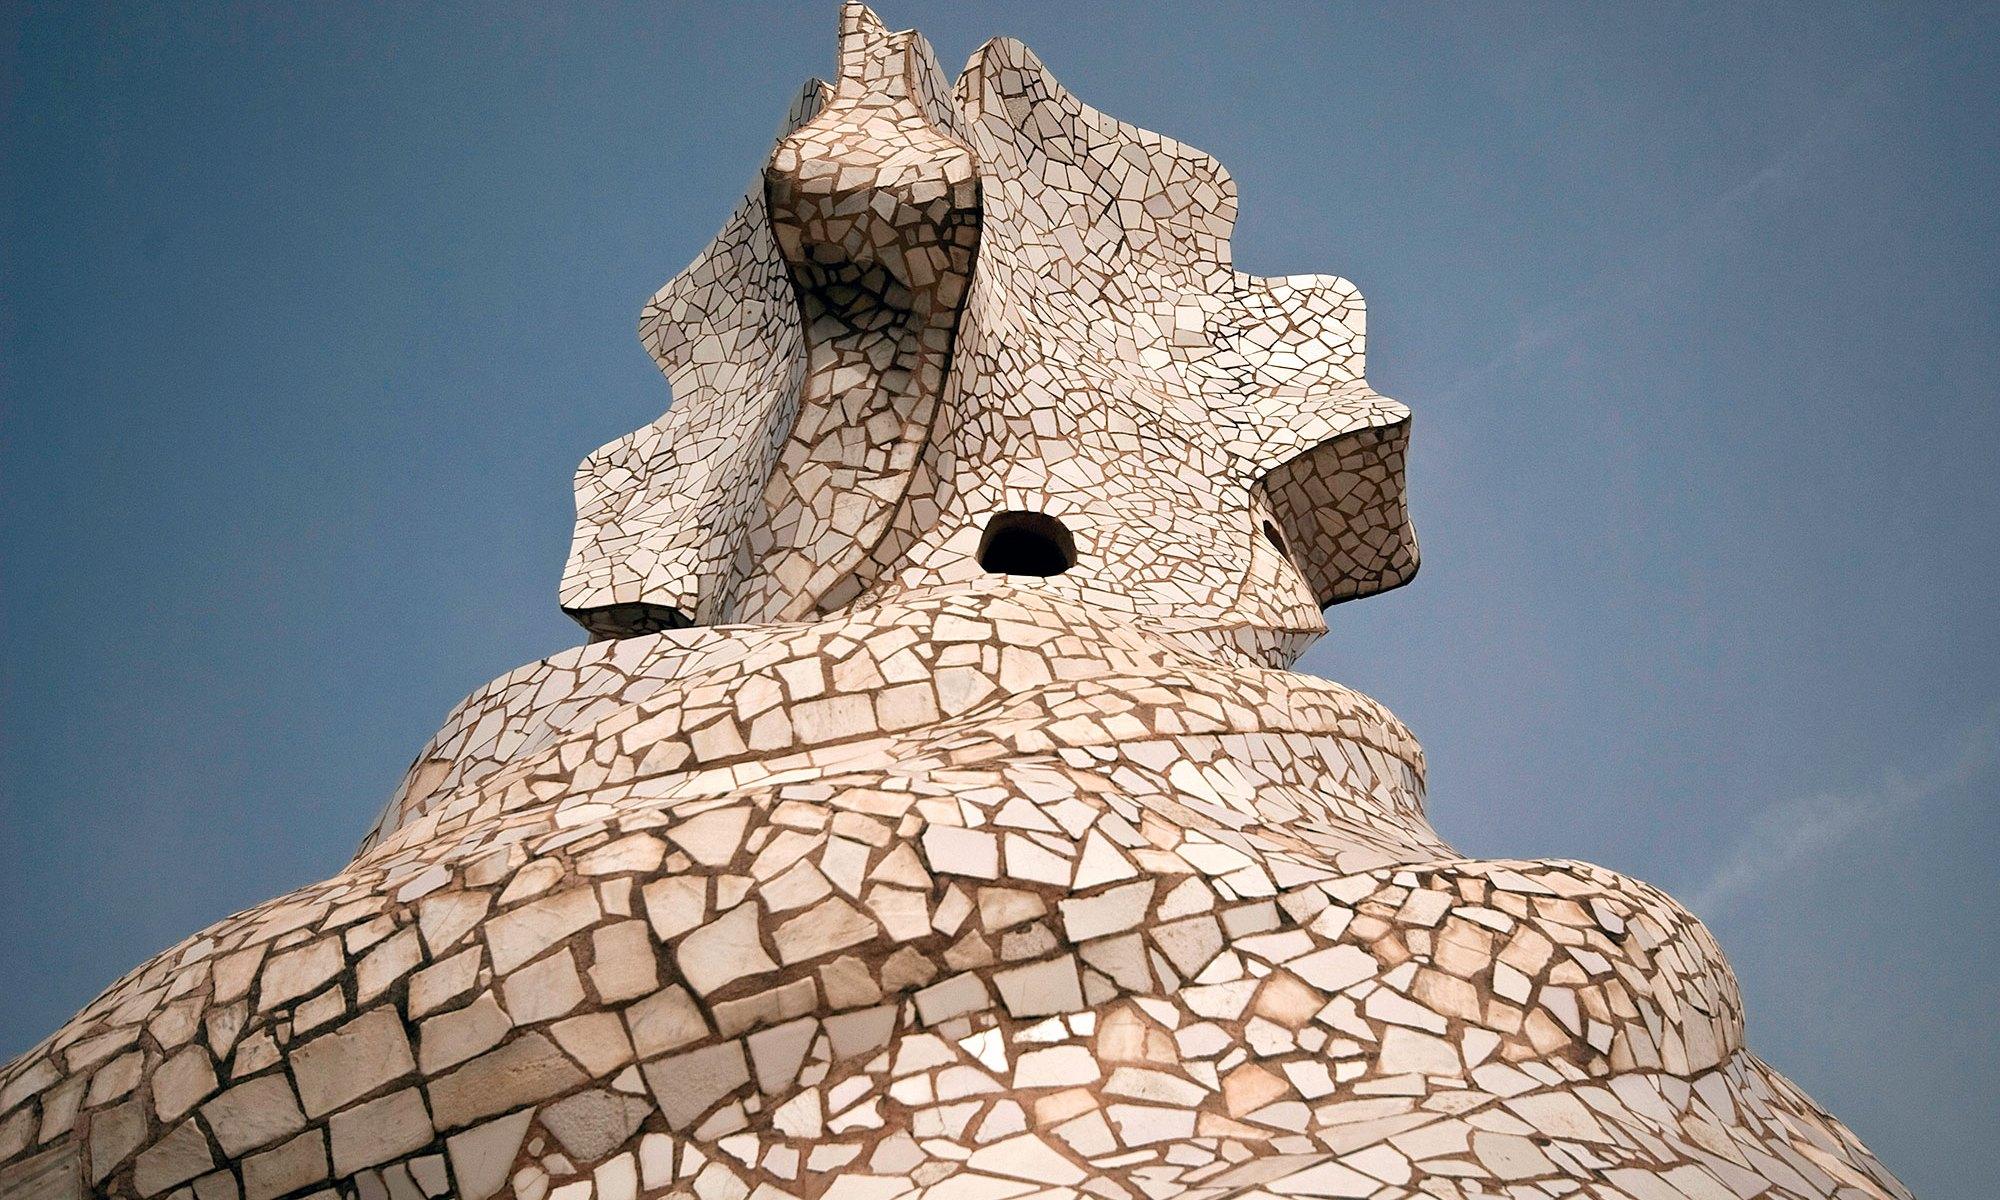 Tiled Roof Detail on Casa Mila